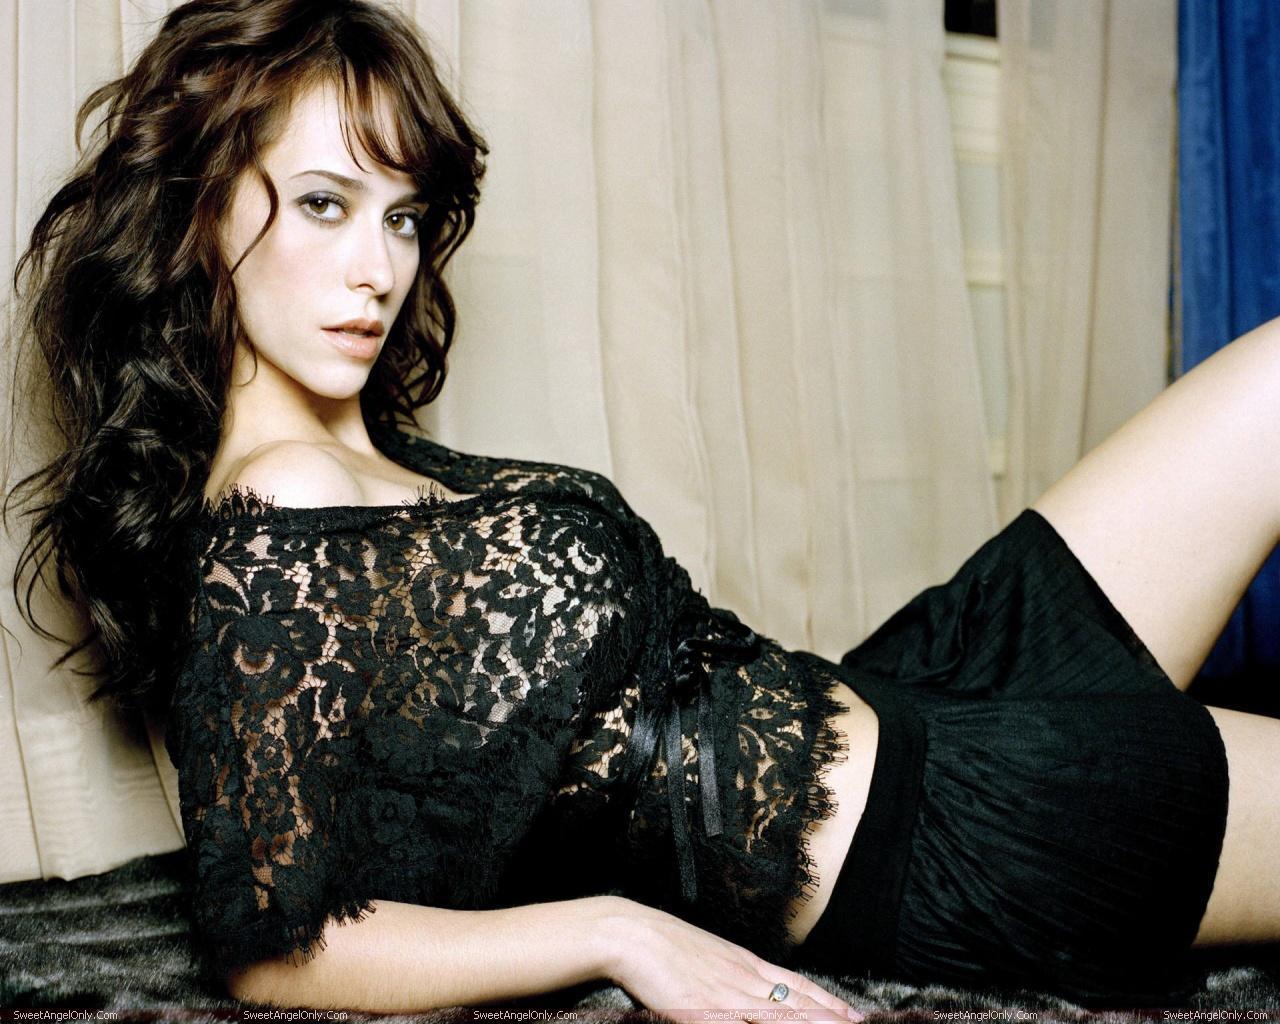 http://4.bp.blogspot.com/-mxH0zT02n0o/TW42jXiS9fI/AAAAAAAAE2A/at4JDR10Cl8/s1600/actress_jennifer_love_hewitt_hot_wallpapers_in_bikini_sweetangelonly_17.jpg